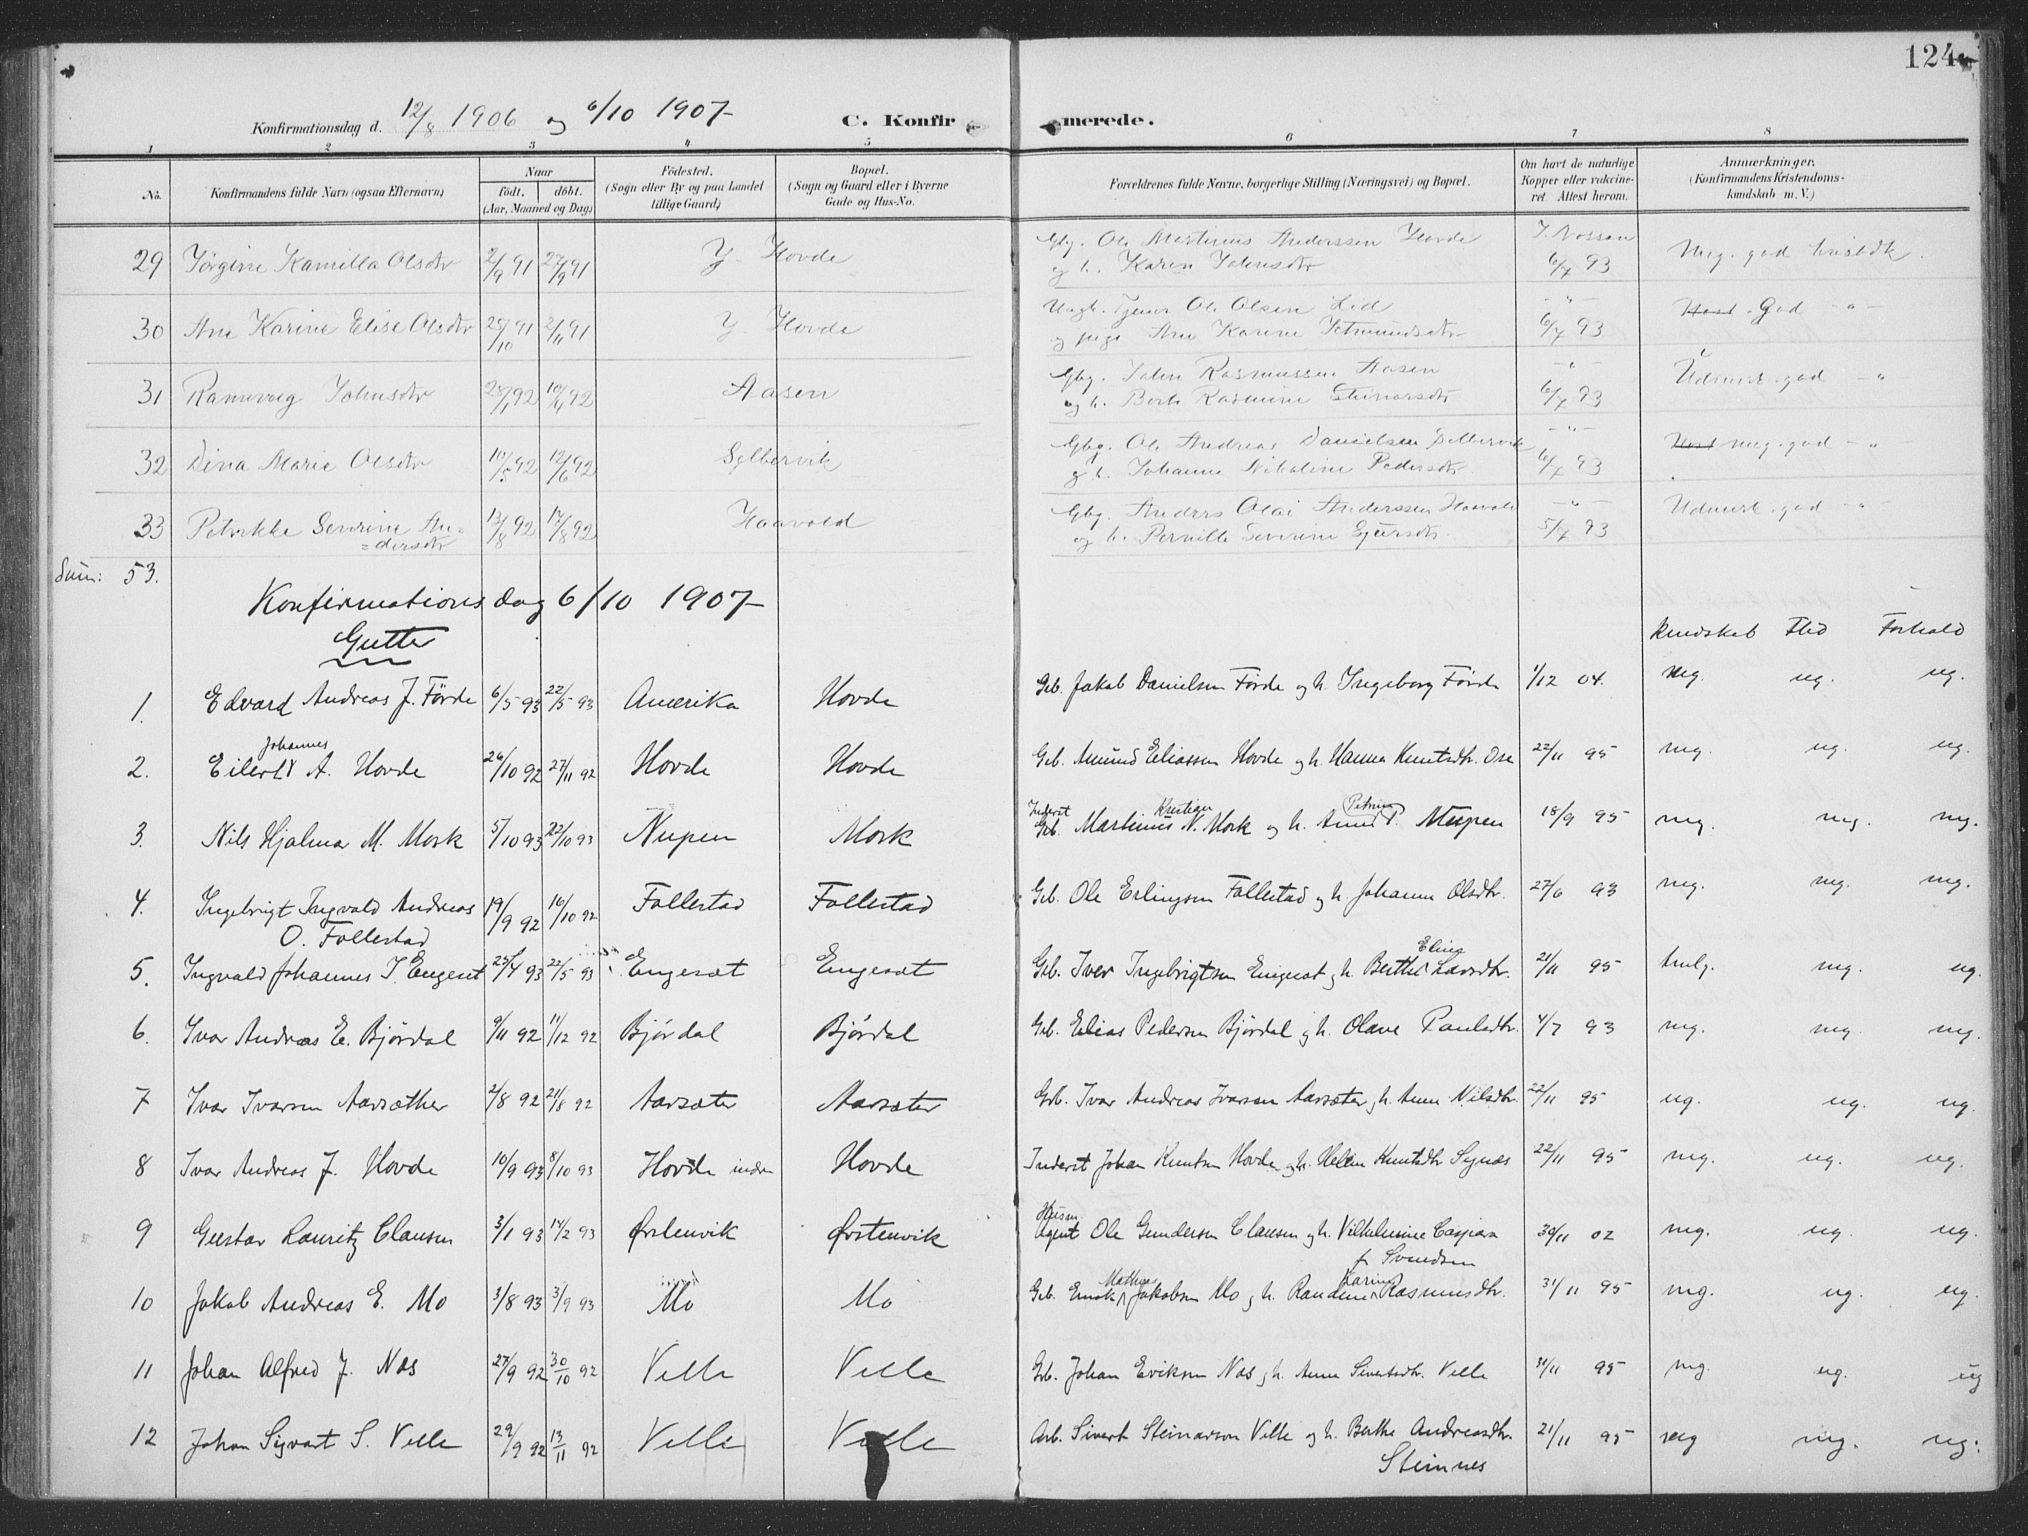 SAT, Ministerialprotokoller, klokkerbøker og fødselsregistre - Møre og Romsdal, 513/L0178: Ministerialbok nr. 513A05, 1906-1919, s. 124